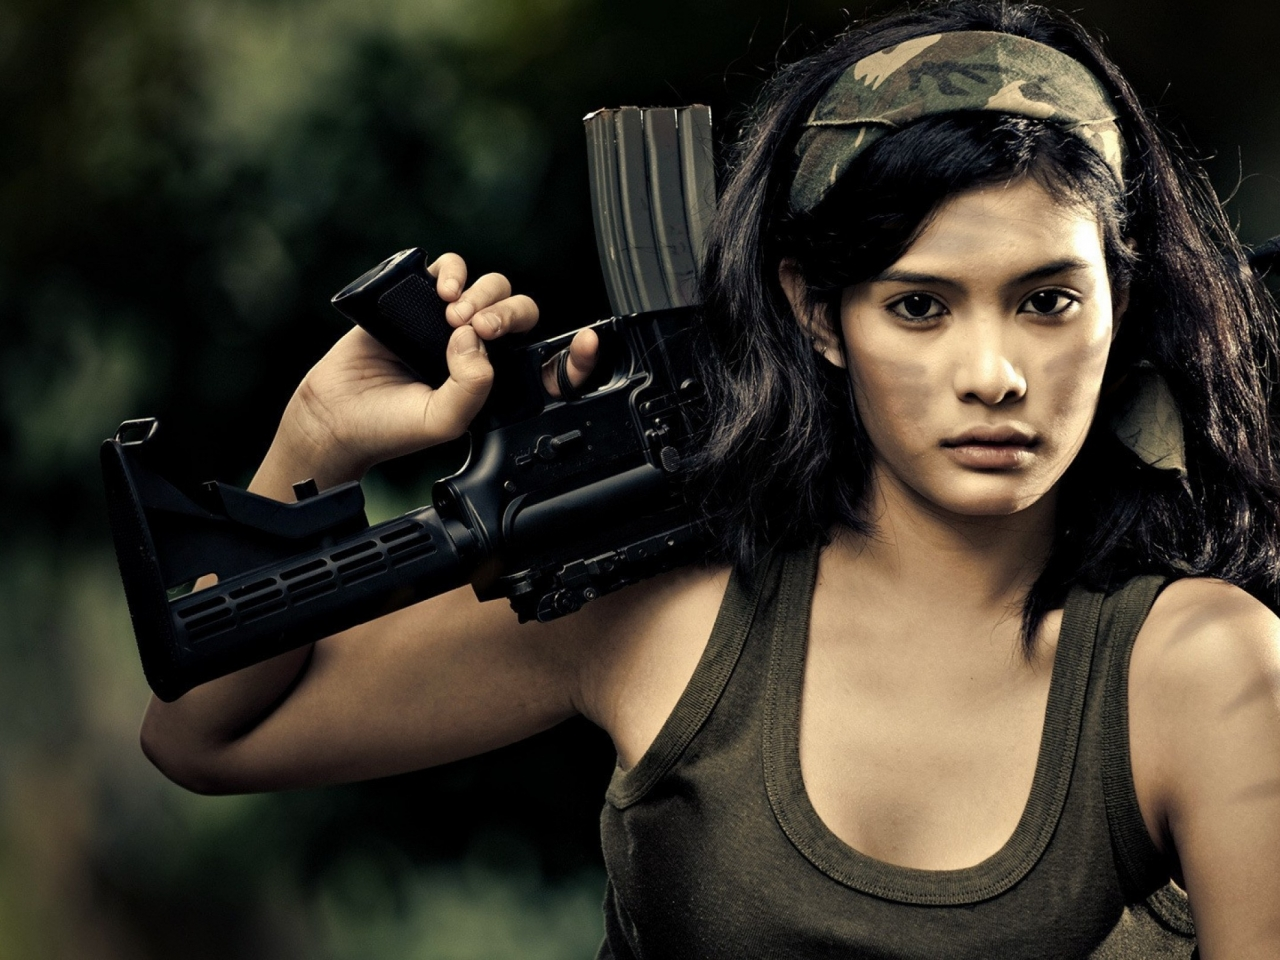 Chica con rifle de asalto - 1280x960